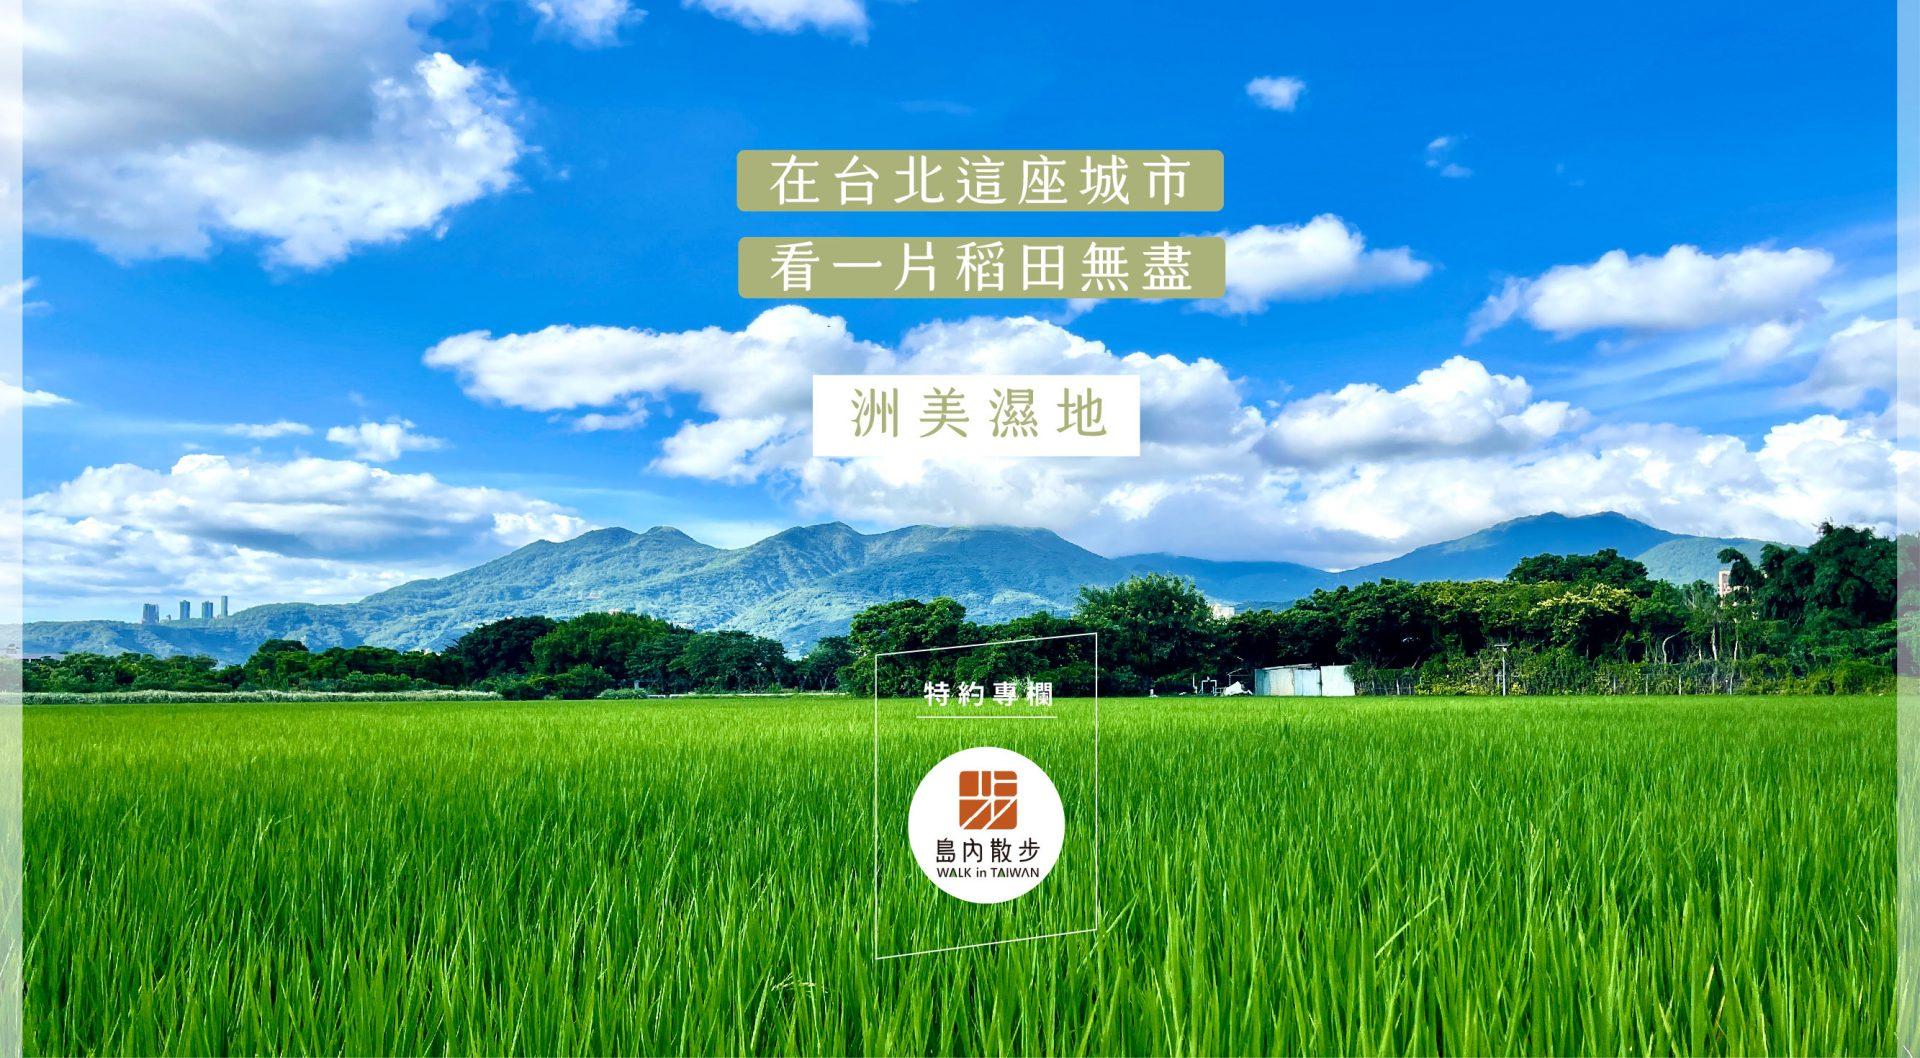 在台北這座城市 看一片稻田無盡 : 洲美濕地